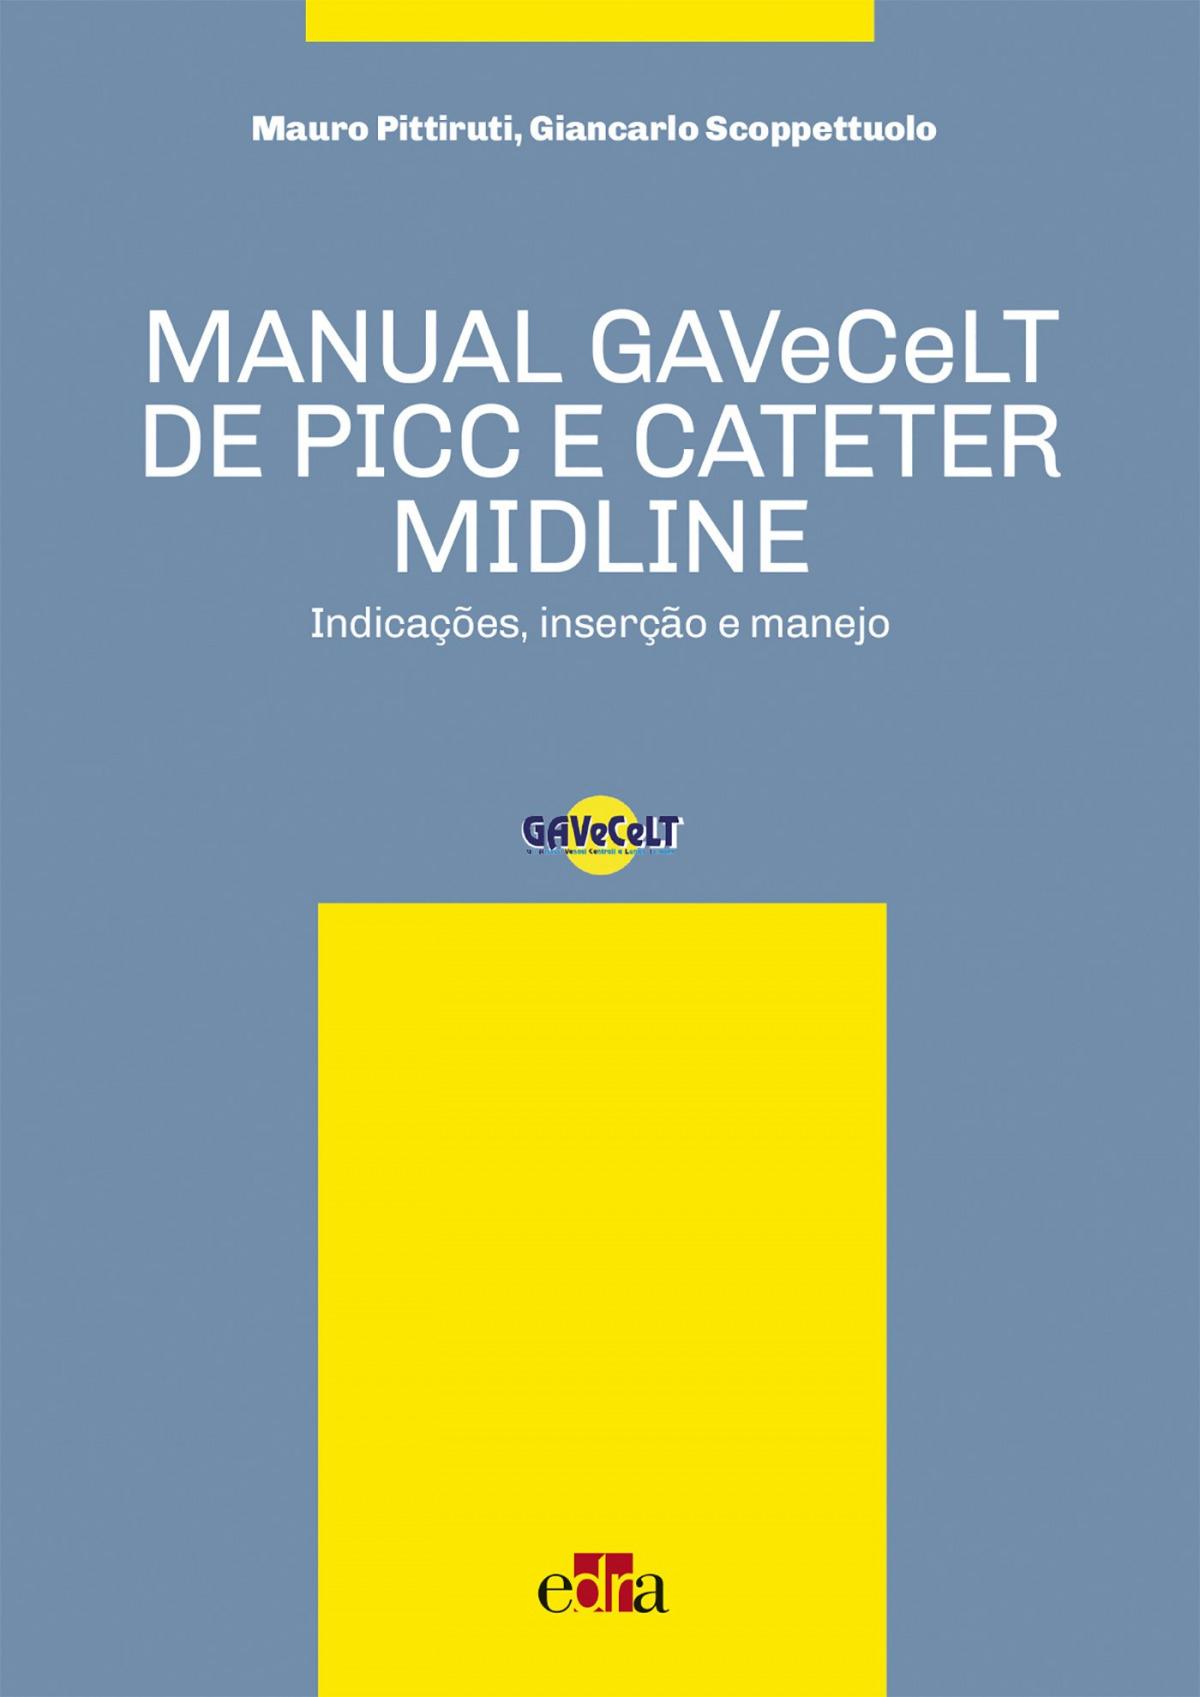 MANUAL GAVECELT DE PICC E CATETER MIDLINE INDICACES INSE